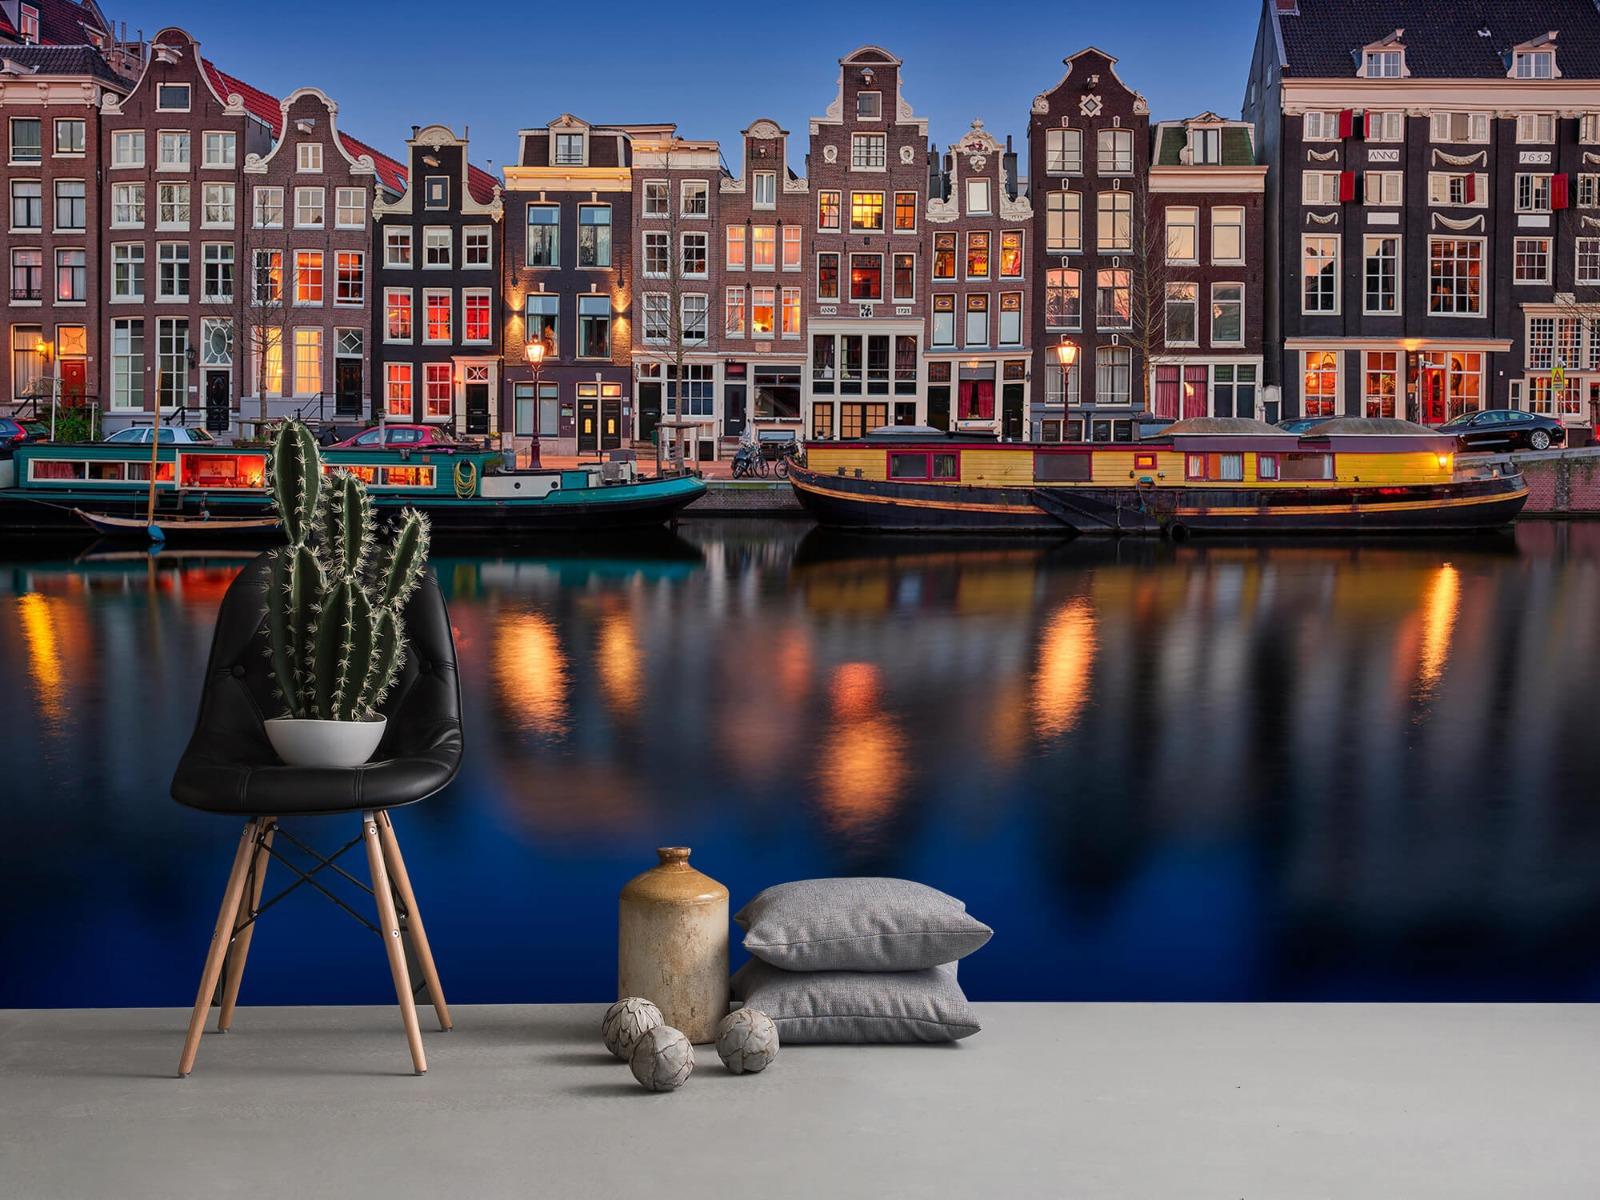 Architectuur - Grachtenpanden Amsterdam - Tienerkamer 13